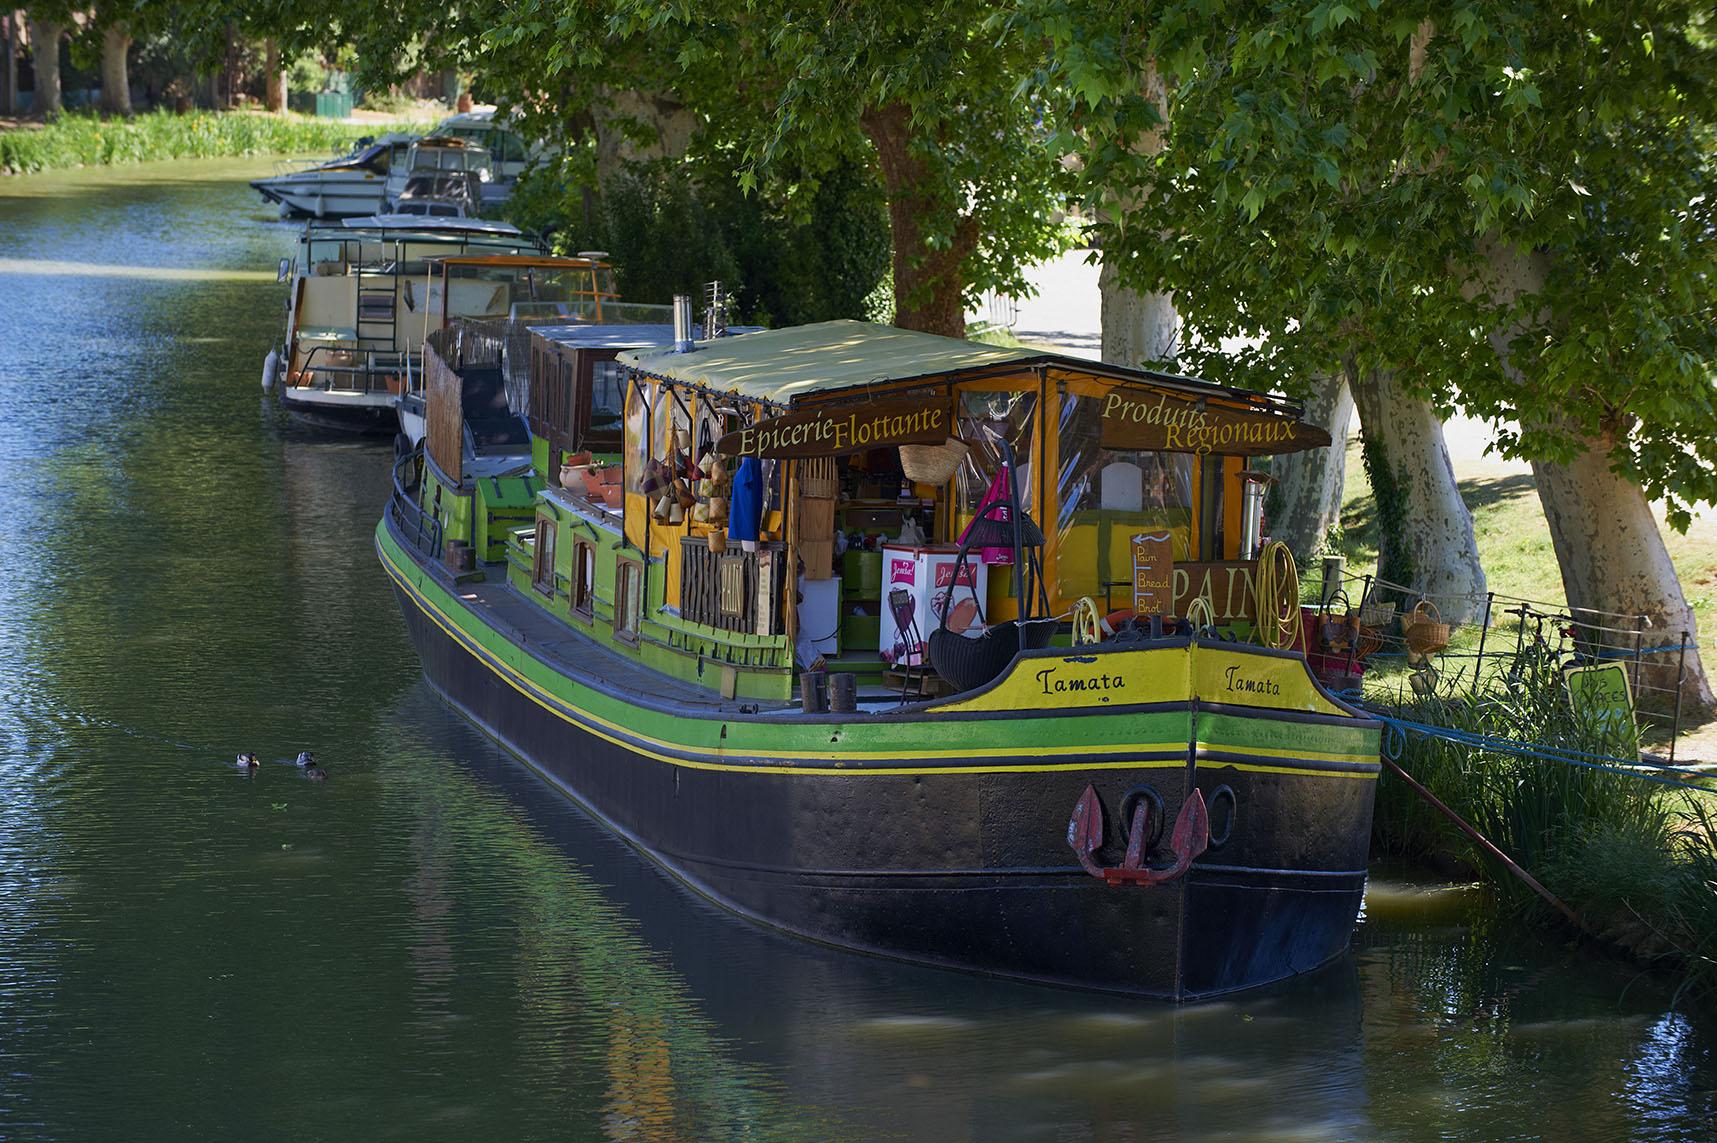 France, Languedoc-Roussillon, Aude (11), city of Le Somail, Canal du Midi, shop boat